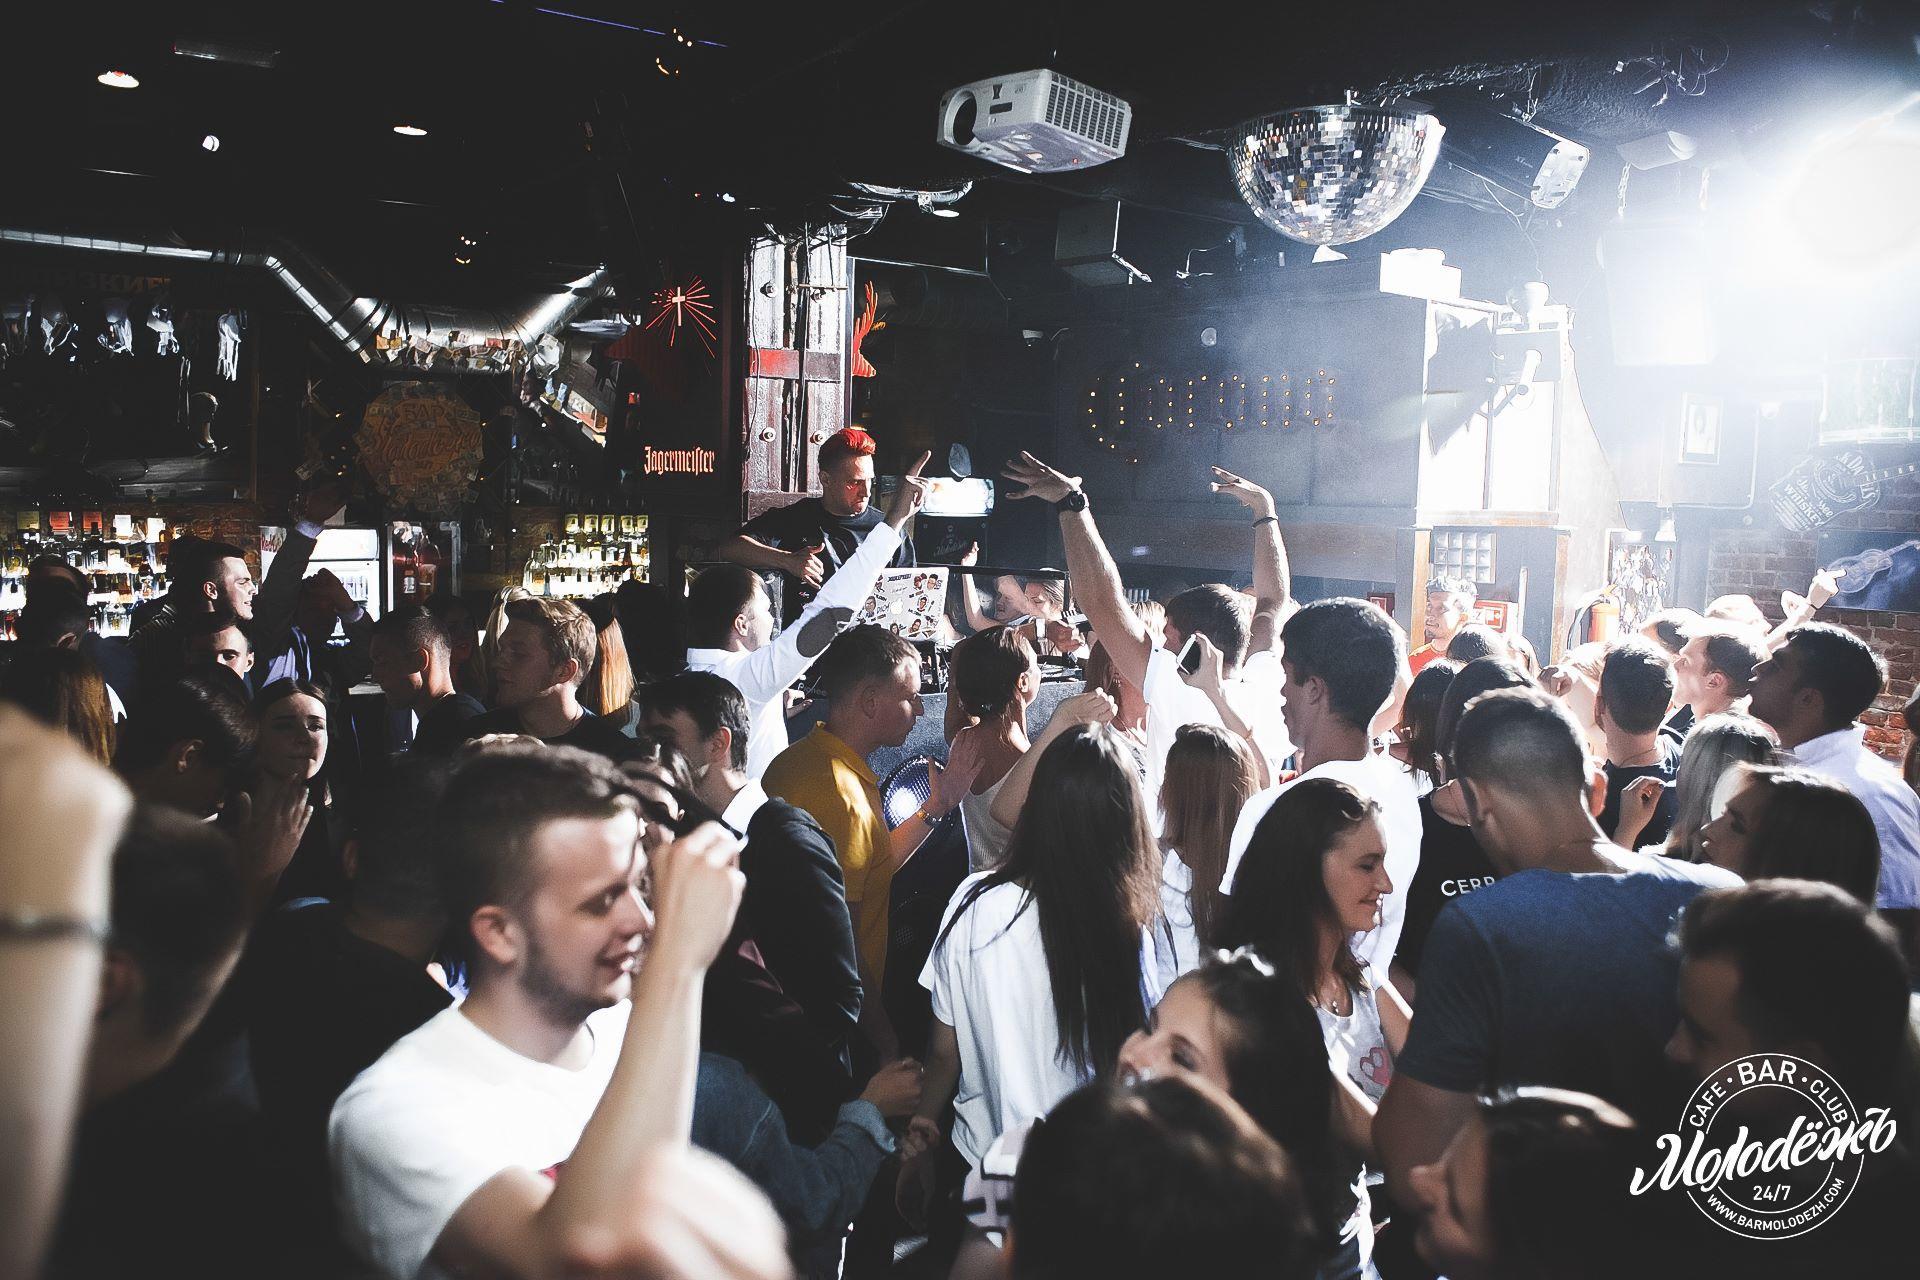 Есть клубы для подростков в москве клуб знакомств москва фото